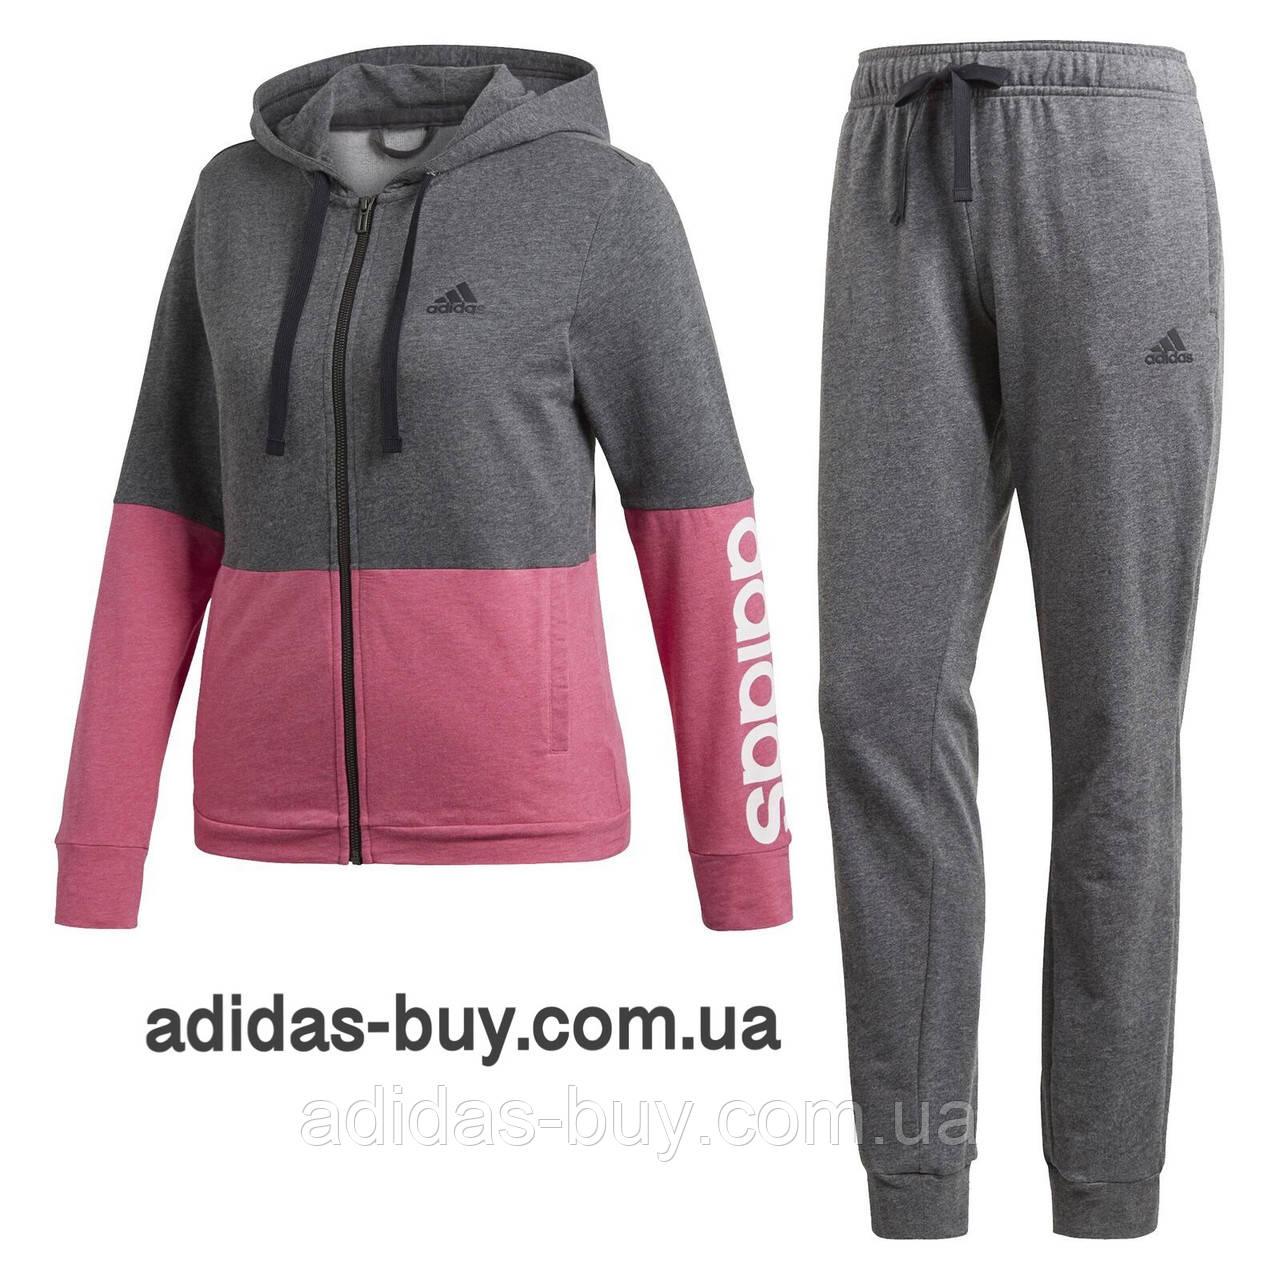 f5e68b55 Спортивный женский костюм adidas оригинальный WTS CO MARKER CZ2328 цвет:  серый / розовый